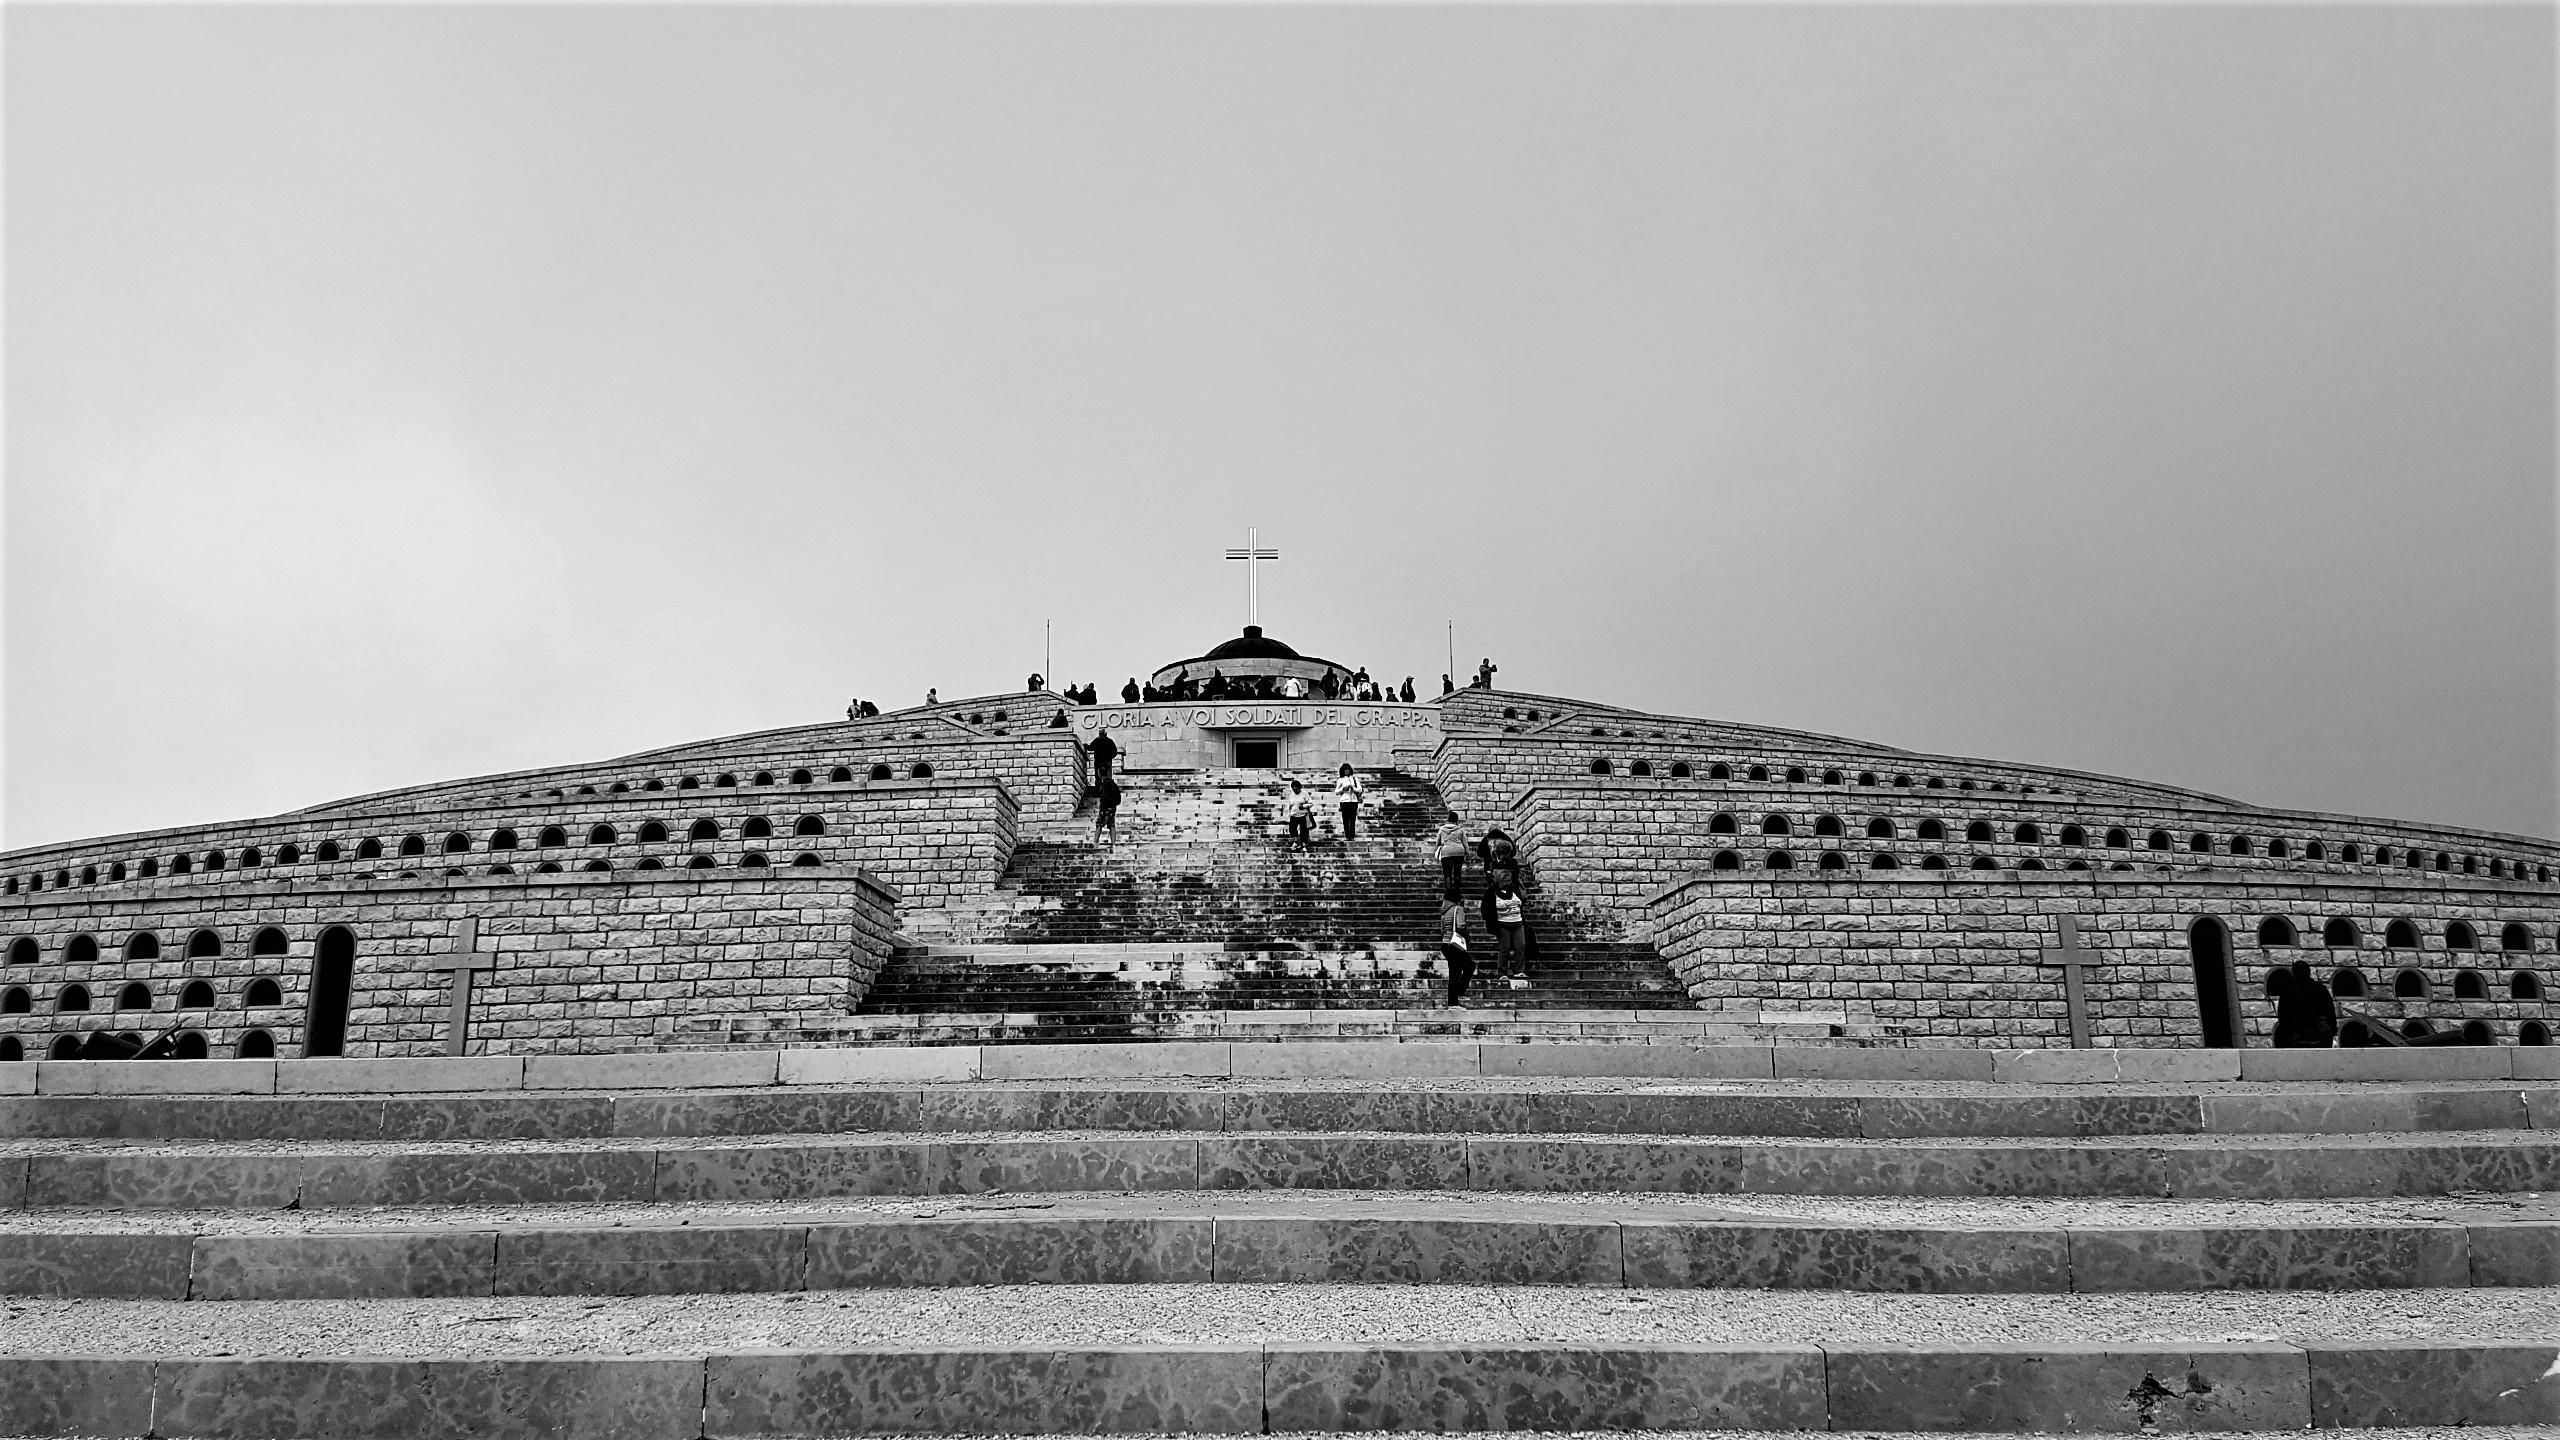 Visitare il sacrario militare del monte grappa